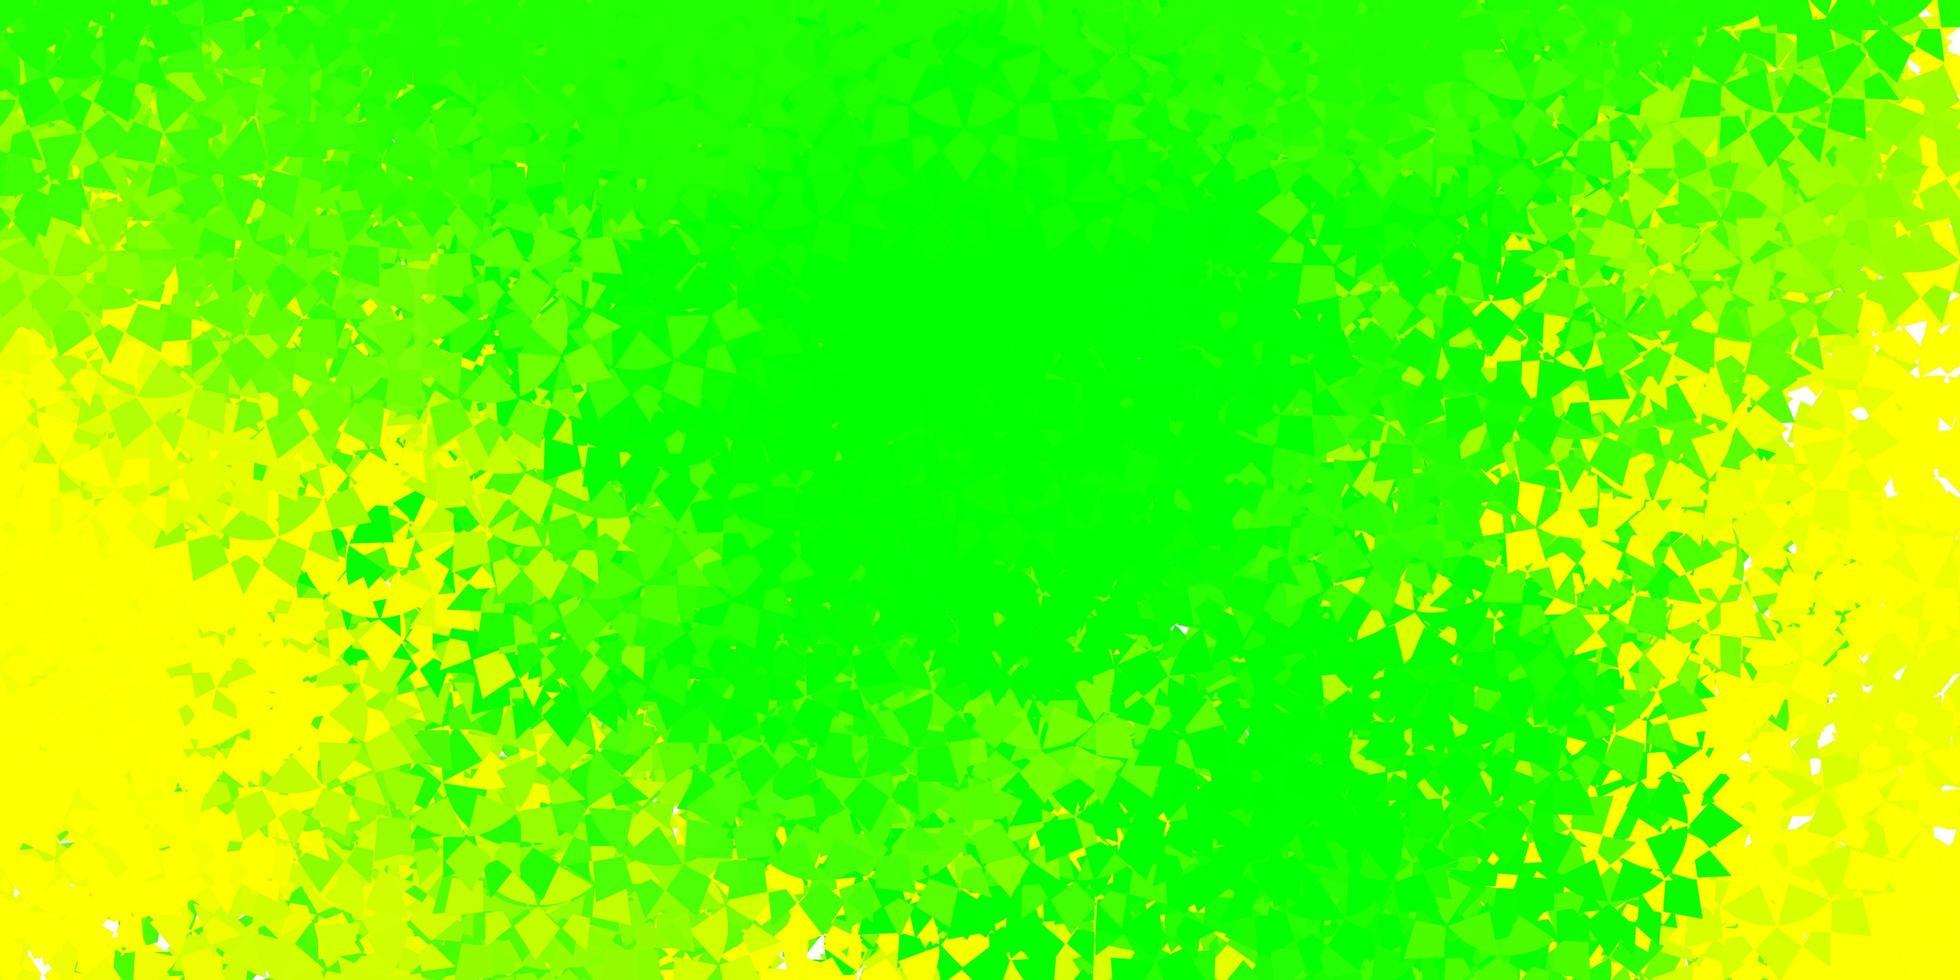 ljusgrön och gul bakgrund med polygonala former. vektor